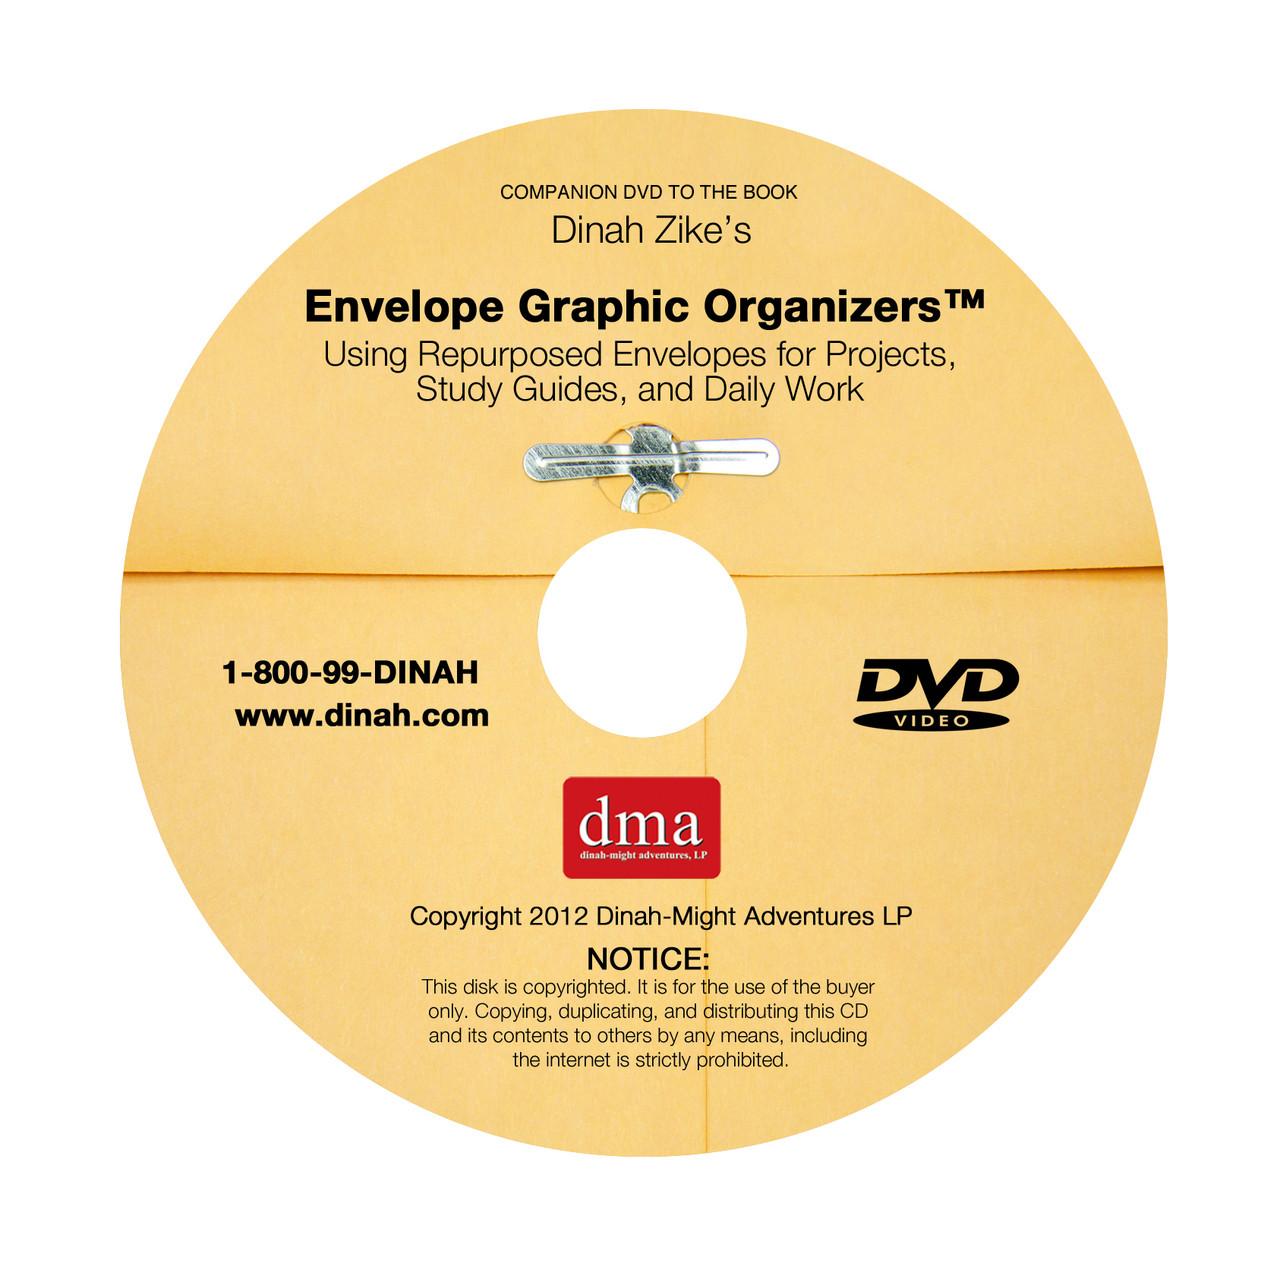 Ego dvd